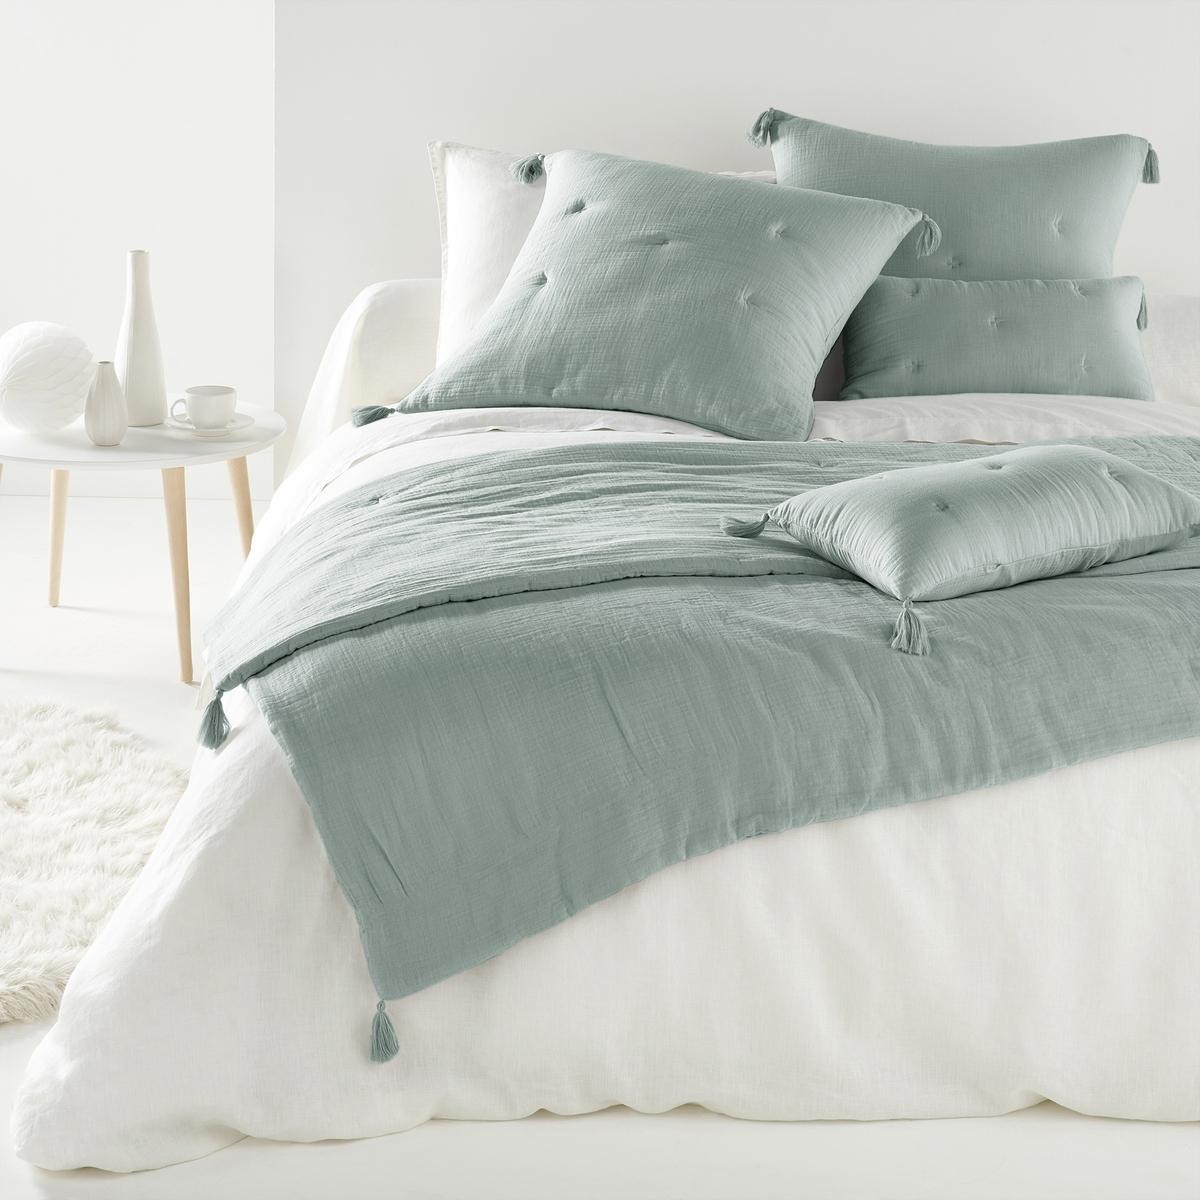 Одеяло однотонное, 100% хлопок, KumlaХарактеристики одеяла из 100% хлопка Kumla :Верх из 100% хлопка.Наполнитель из 100% полиэстера (120 г/м?).Отделка вышивкой крестиком в тон.4 помпона по краям одеяла.Стирка при 30°.Соответствующий чехол для подушки и другую текстильную продукцию вы найдете на сайте laredoute.ruРазмер на выбор :90 x 190 см150 x 150 см<br><br>Цвет: серо-зеленый